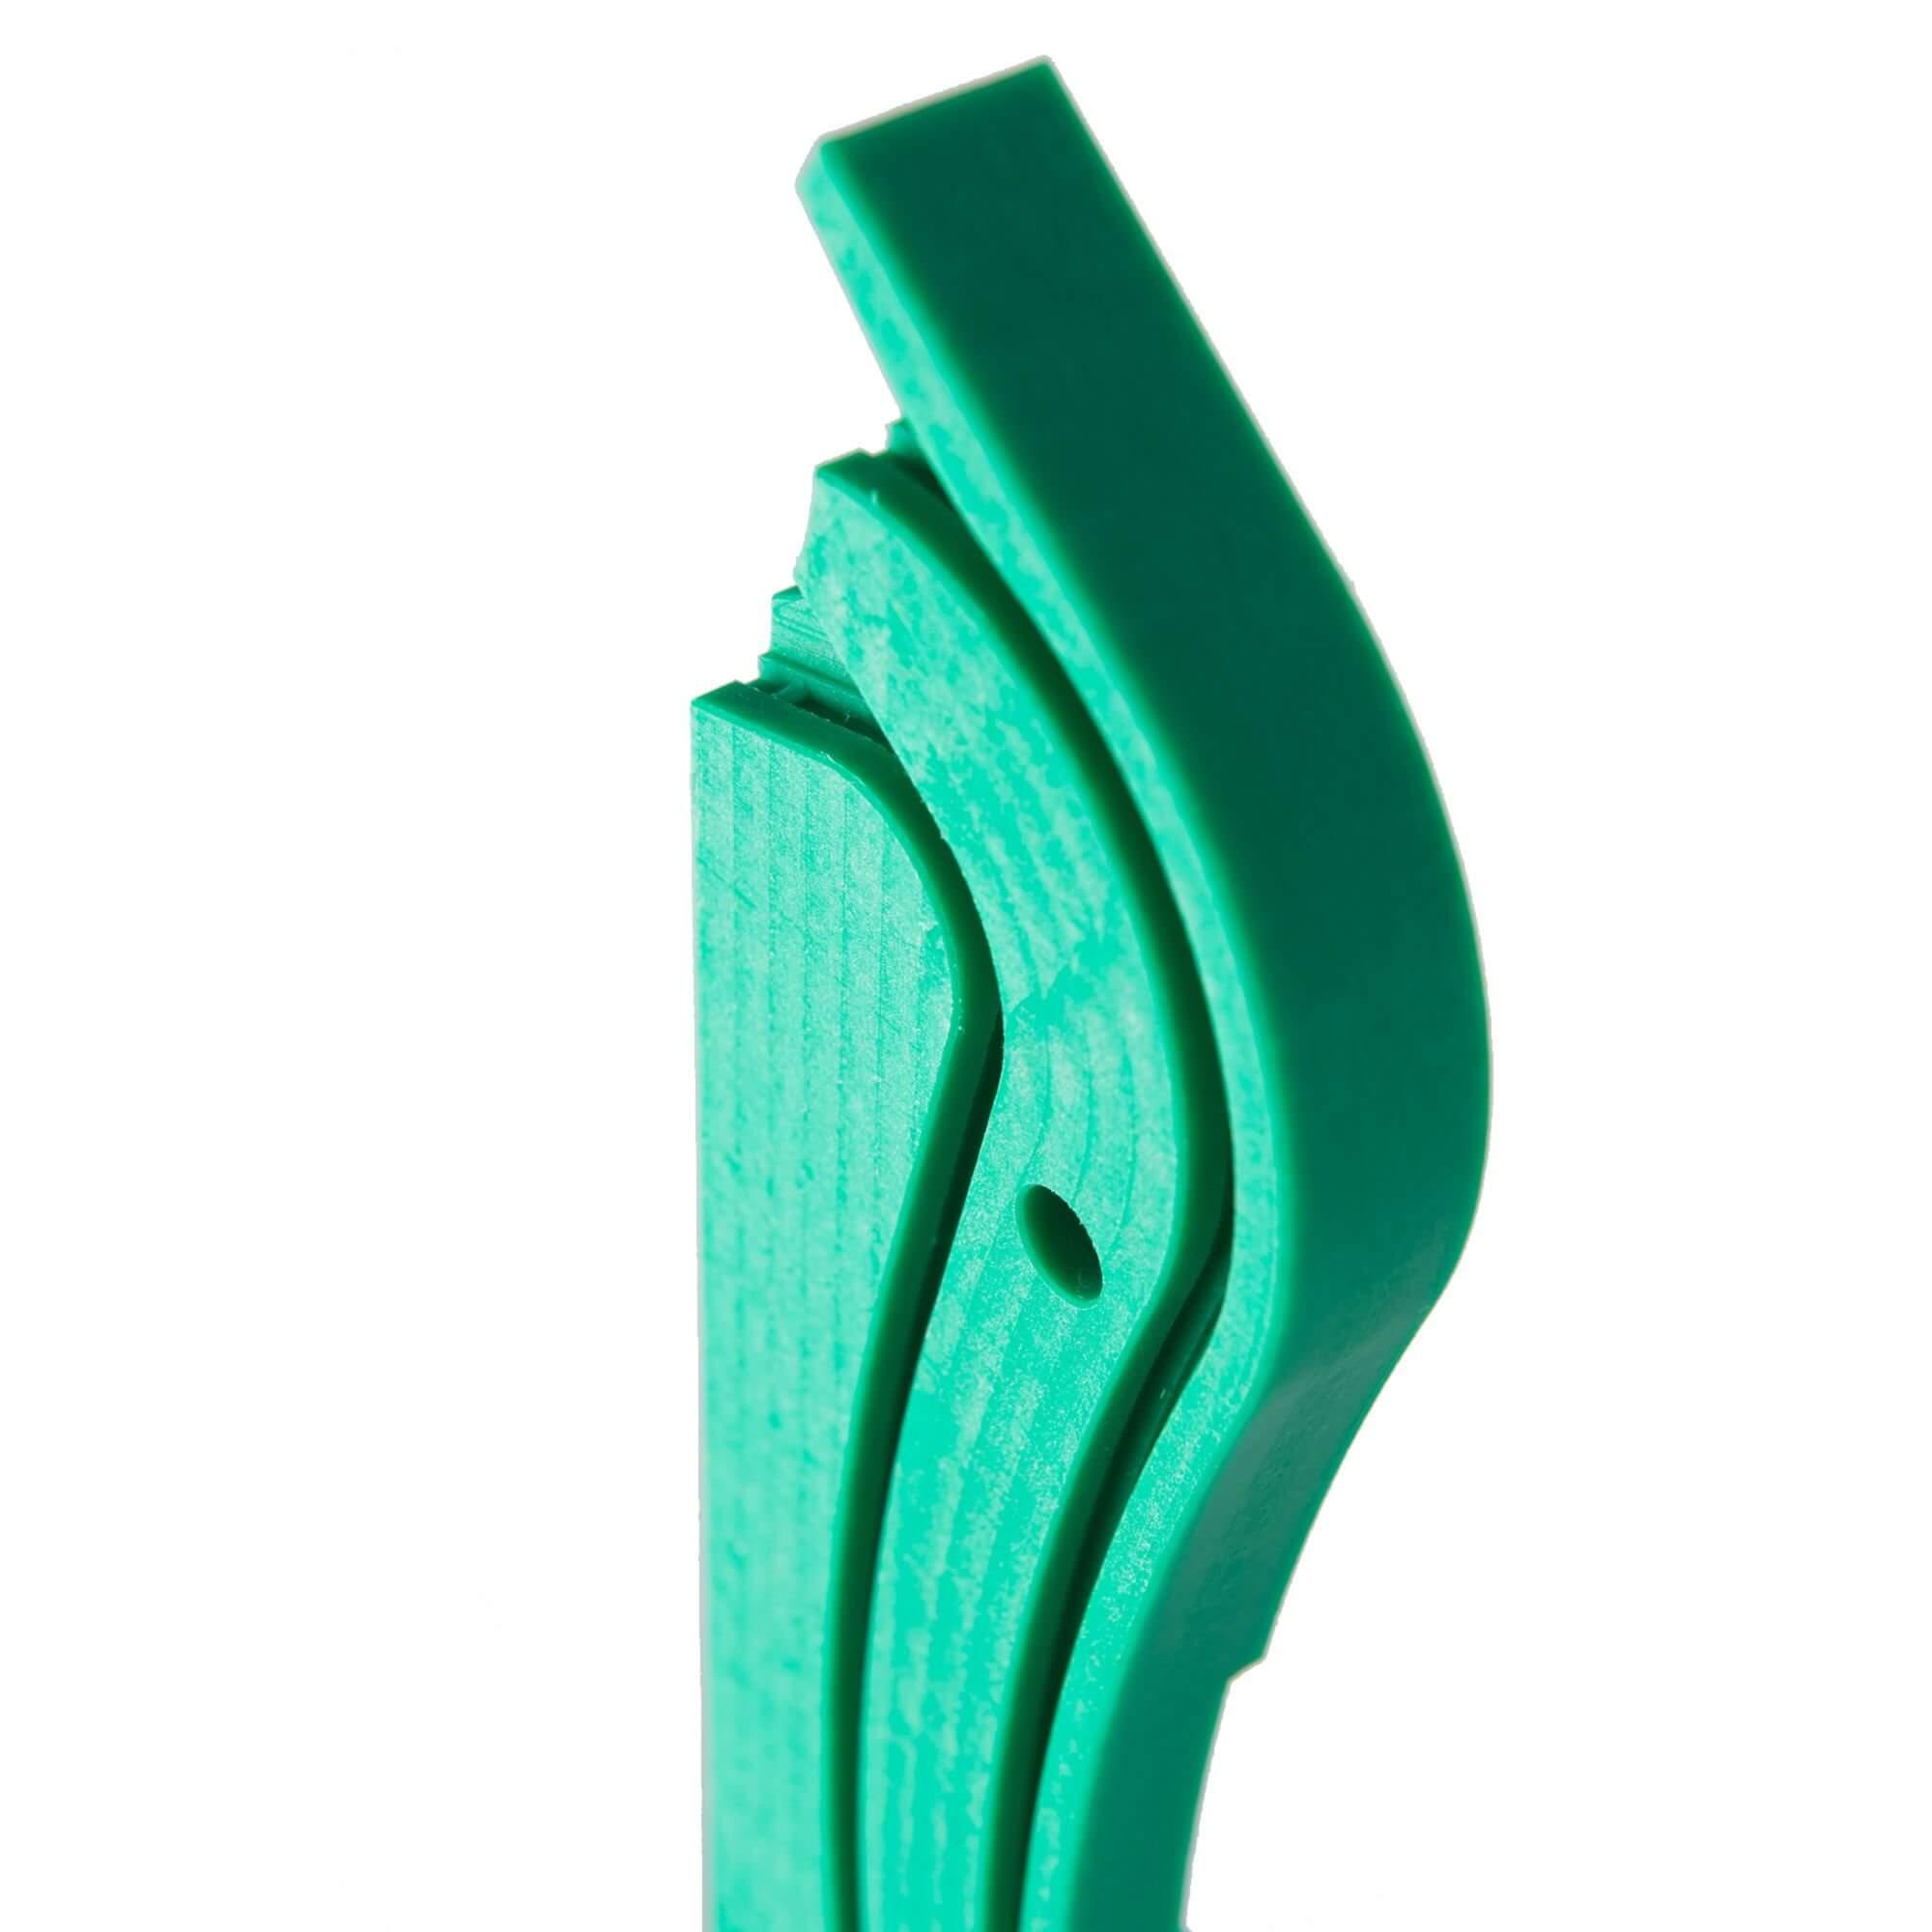 Acryline Kettenführung aus PE technische teile frästeil zubehör gefräst gebohrt PE kunststoff produktion